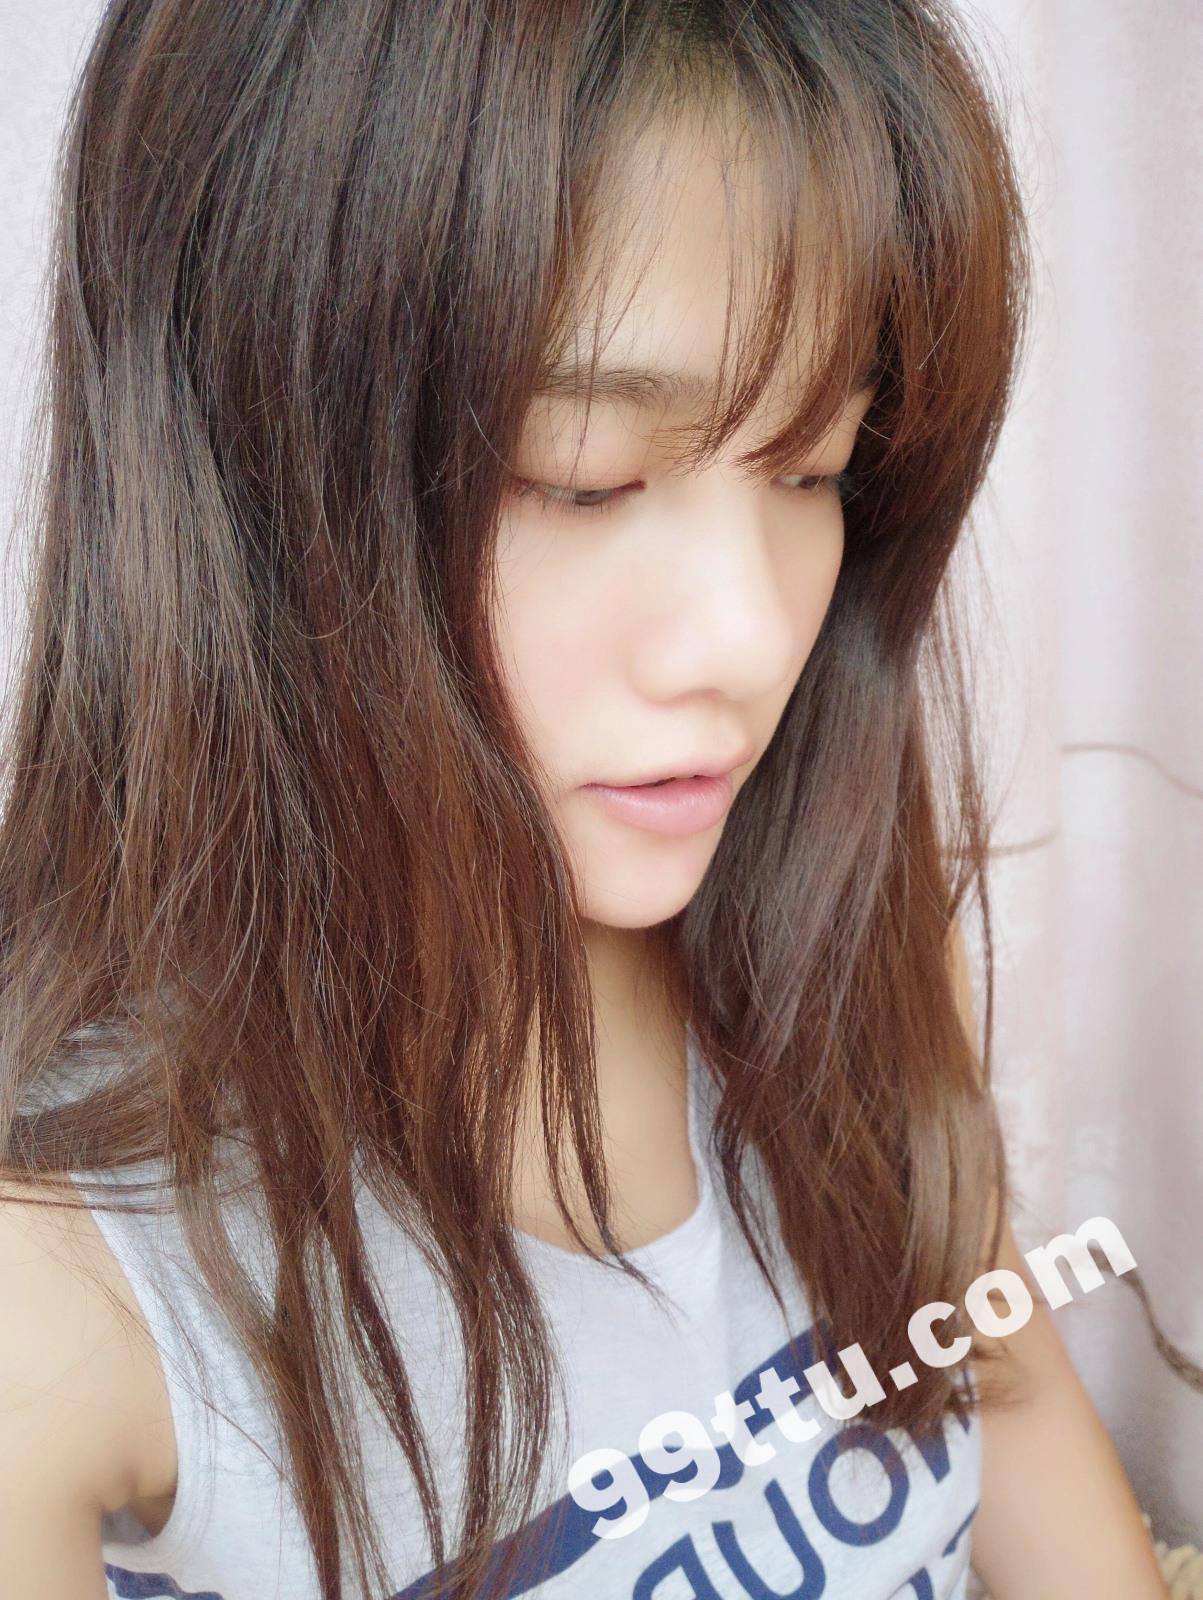 KK90_1390图+6视频 美女靓丽青春素材生活照-13